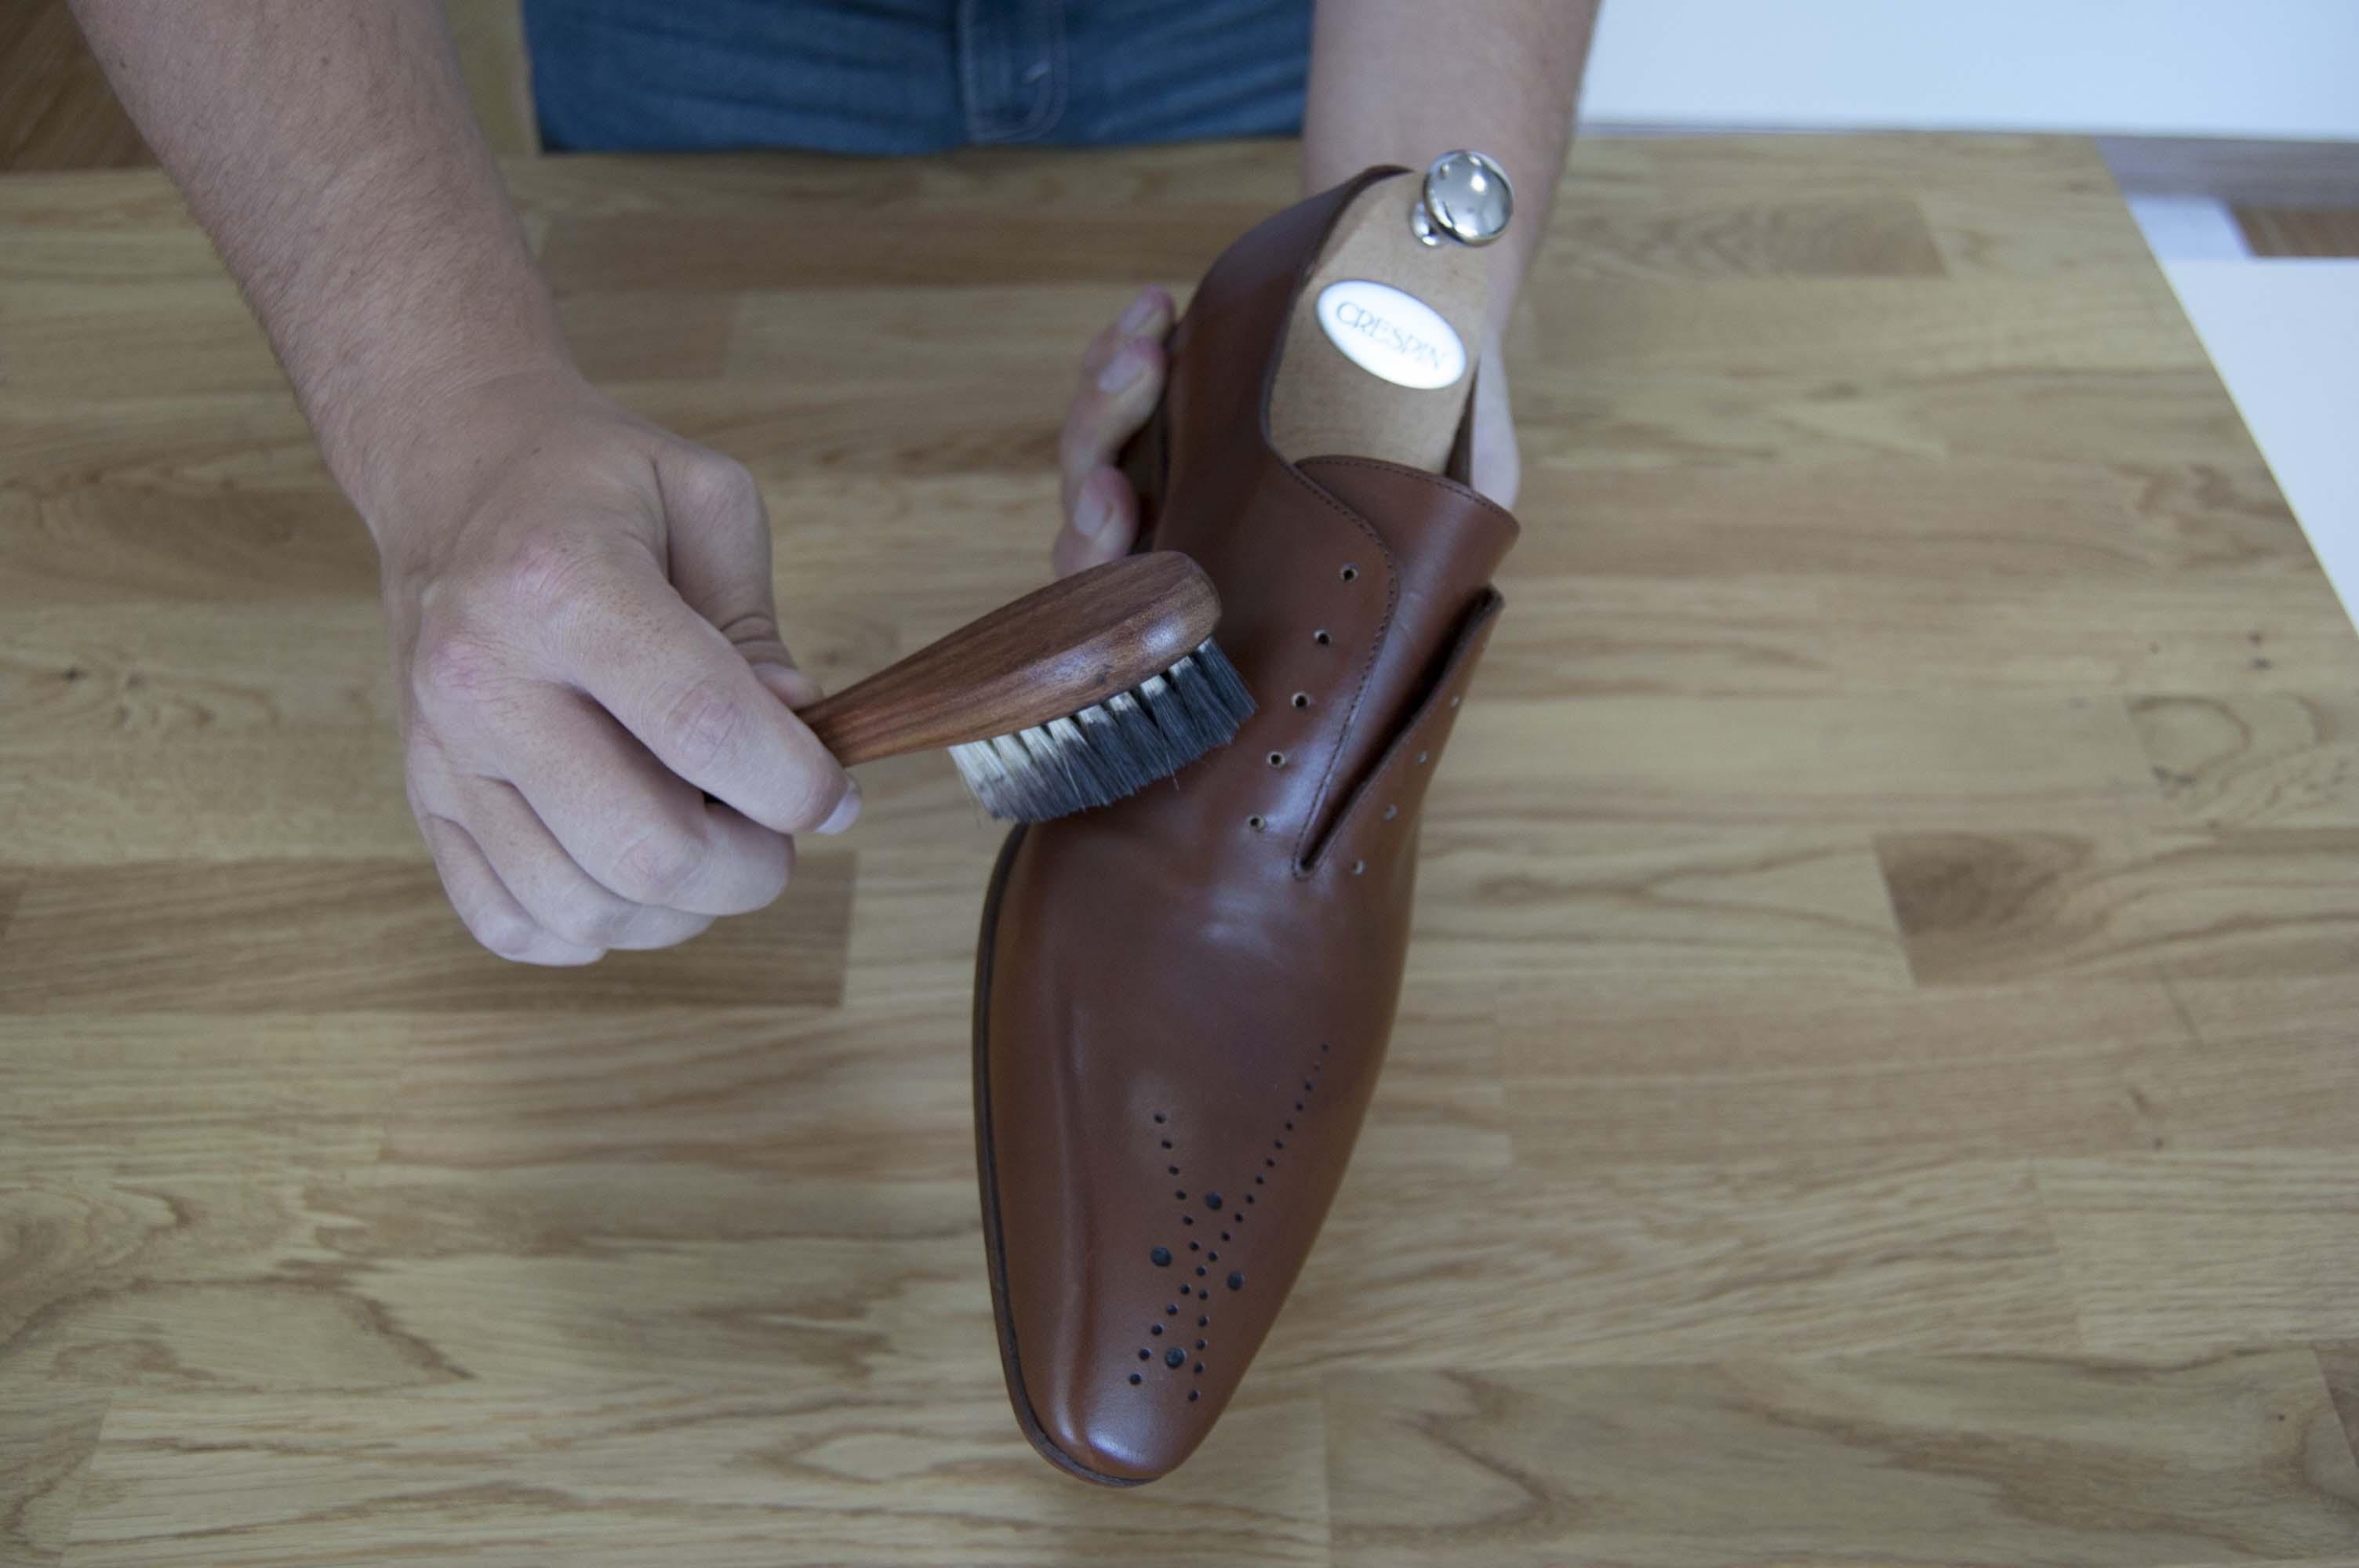 Application crème de beauté pour chaussures en cuir